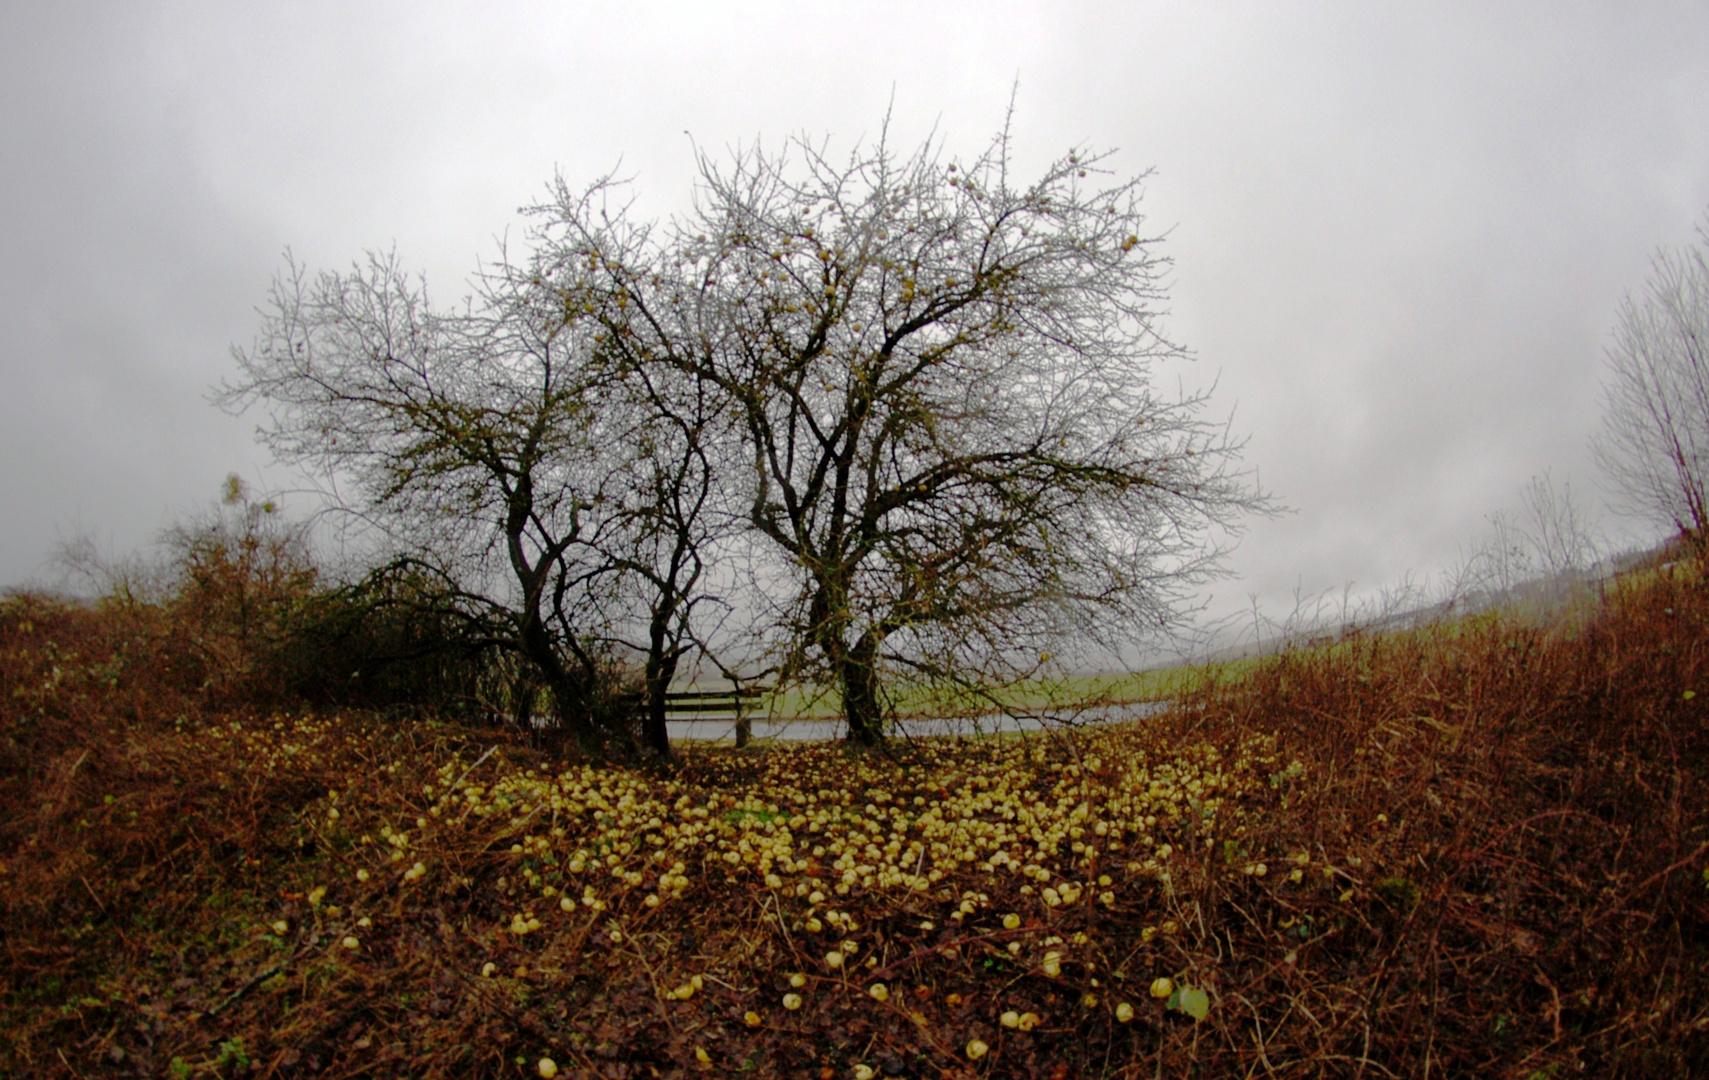 Errinnerung an den Herbst